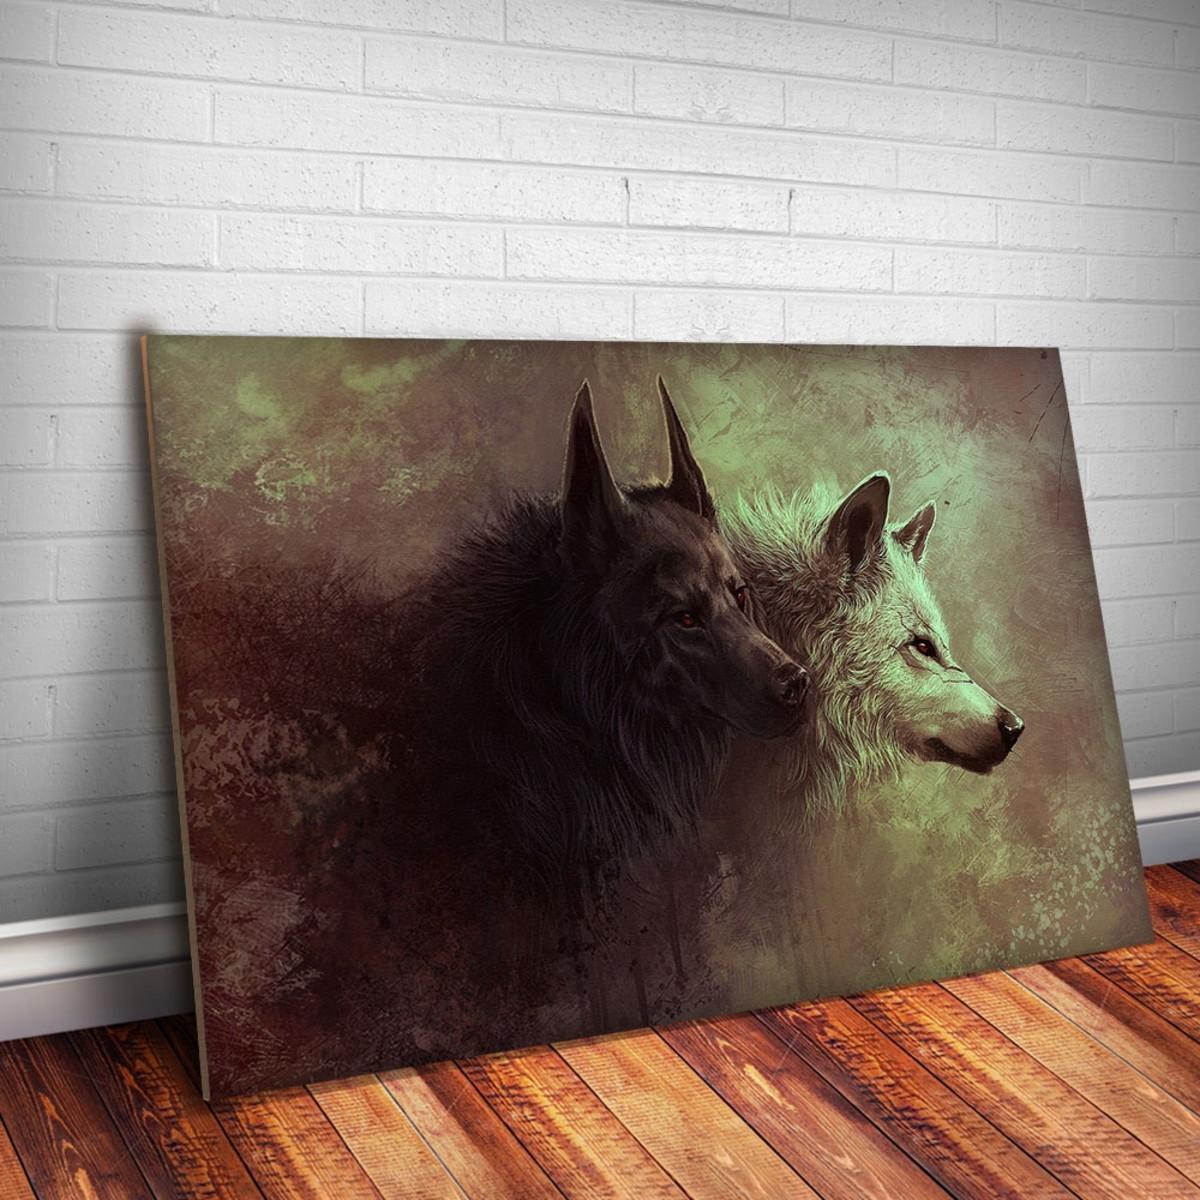 fd2ea97b1 Placa decorativa Animais 26 Lobo Branco e Preto-30x20cm no Elo7 ...